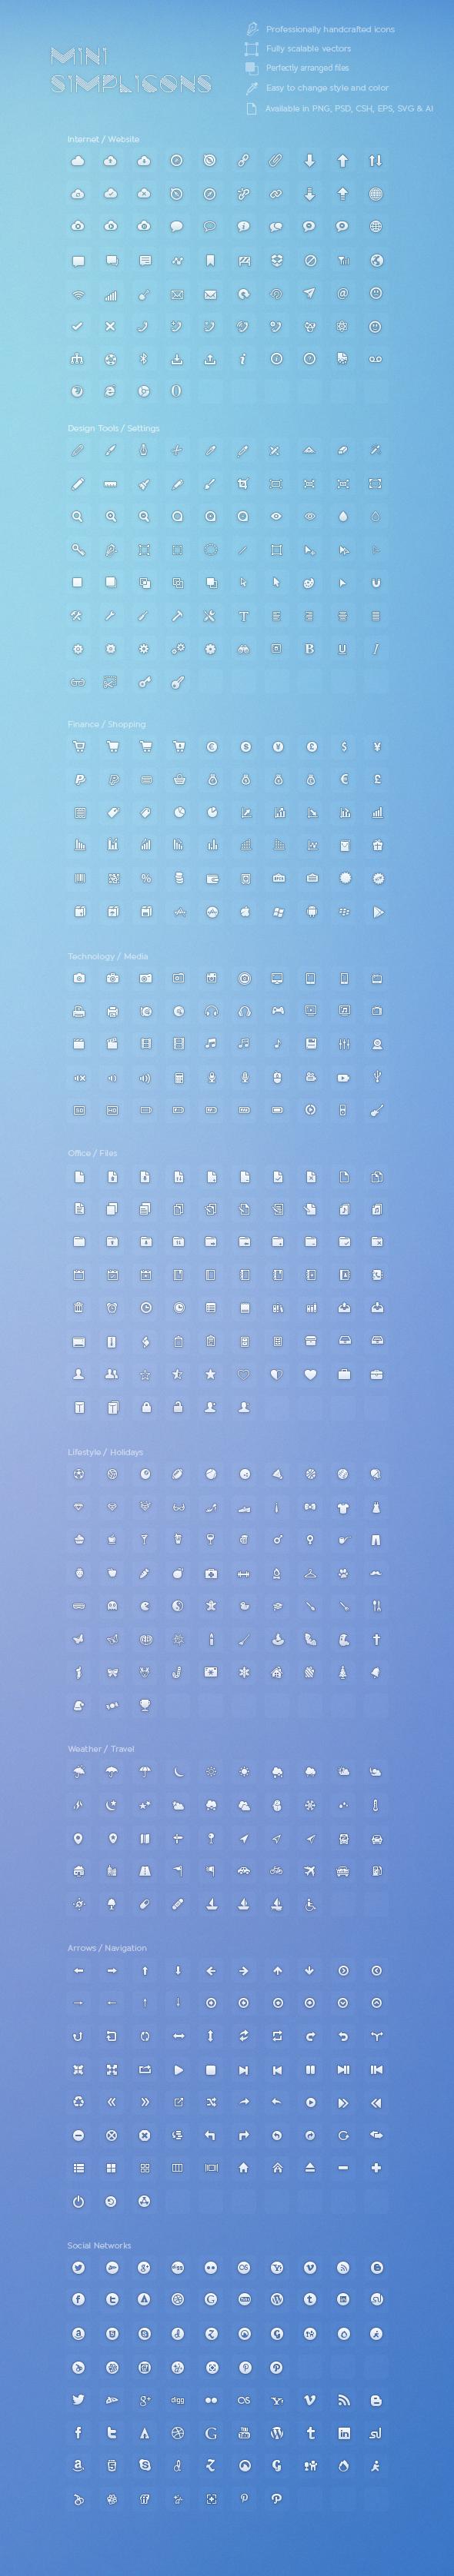 600+Mini Simplicons Icon Set by okidoci